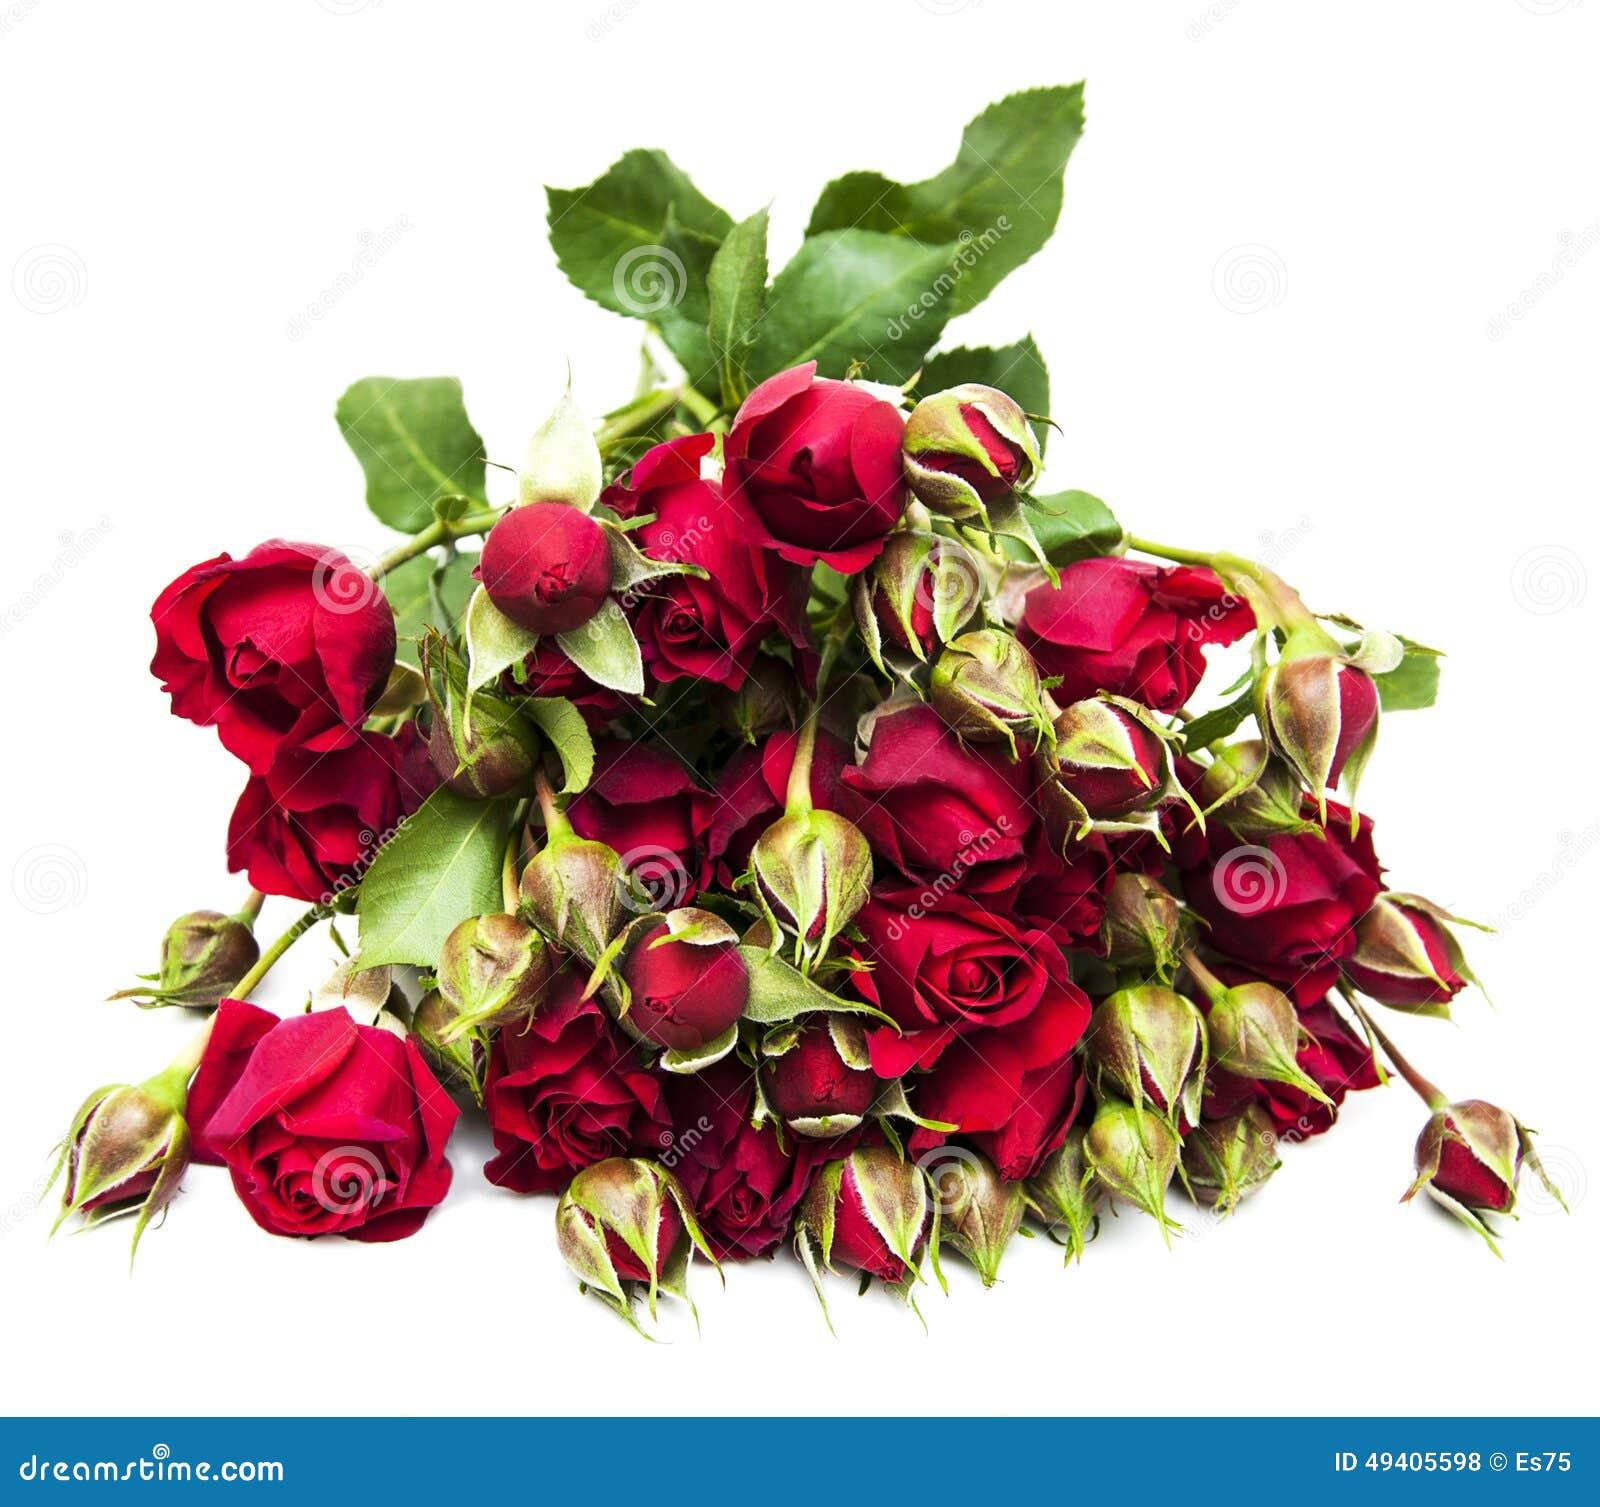 Download Rote Rosen stockfoto. Bild von verbunden, flitterwochen - 49405598